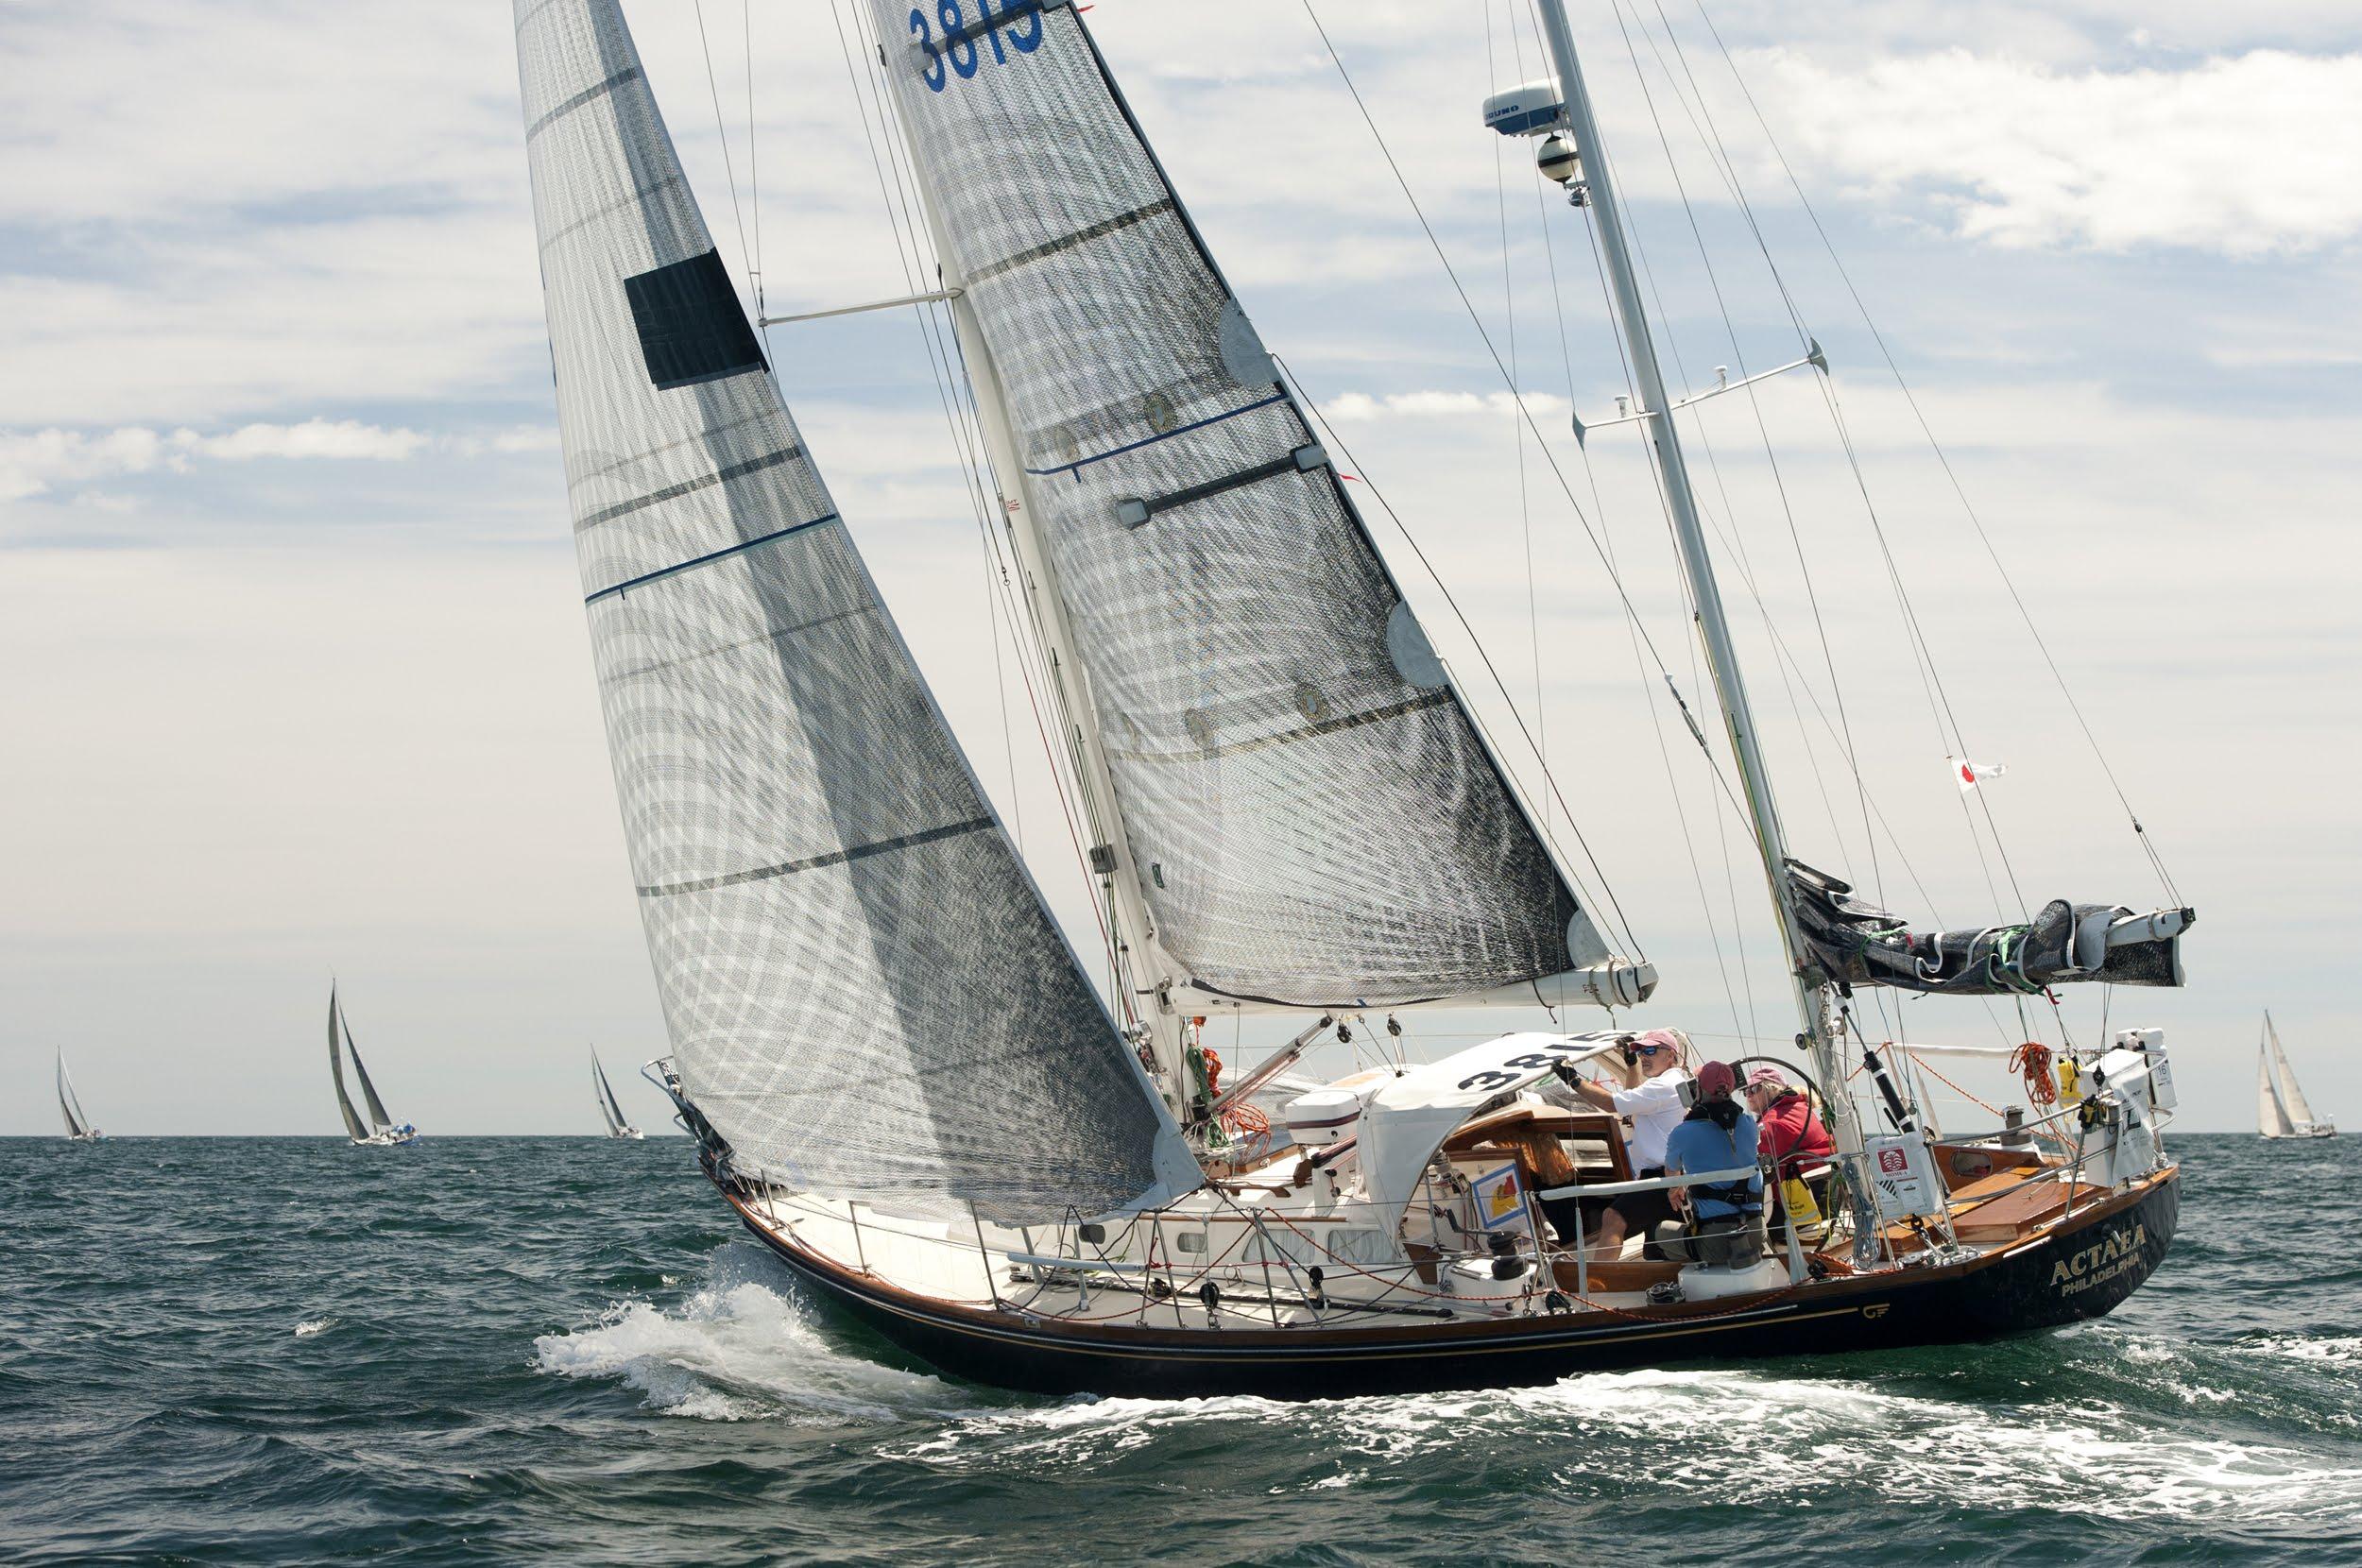 Actea  - Hicnkley Bermuda 40 - GMT Carbon Rig